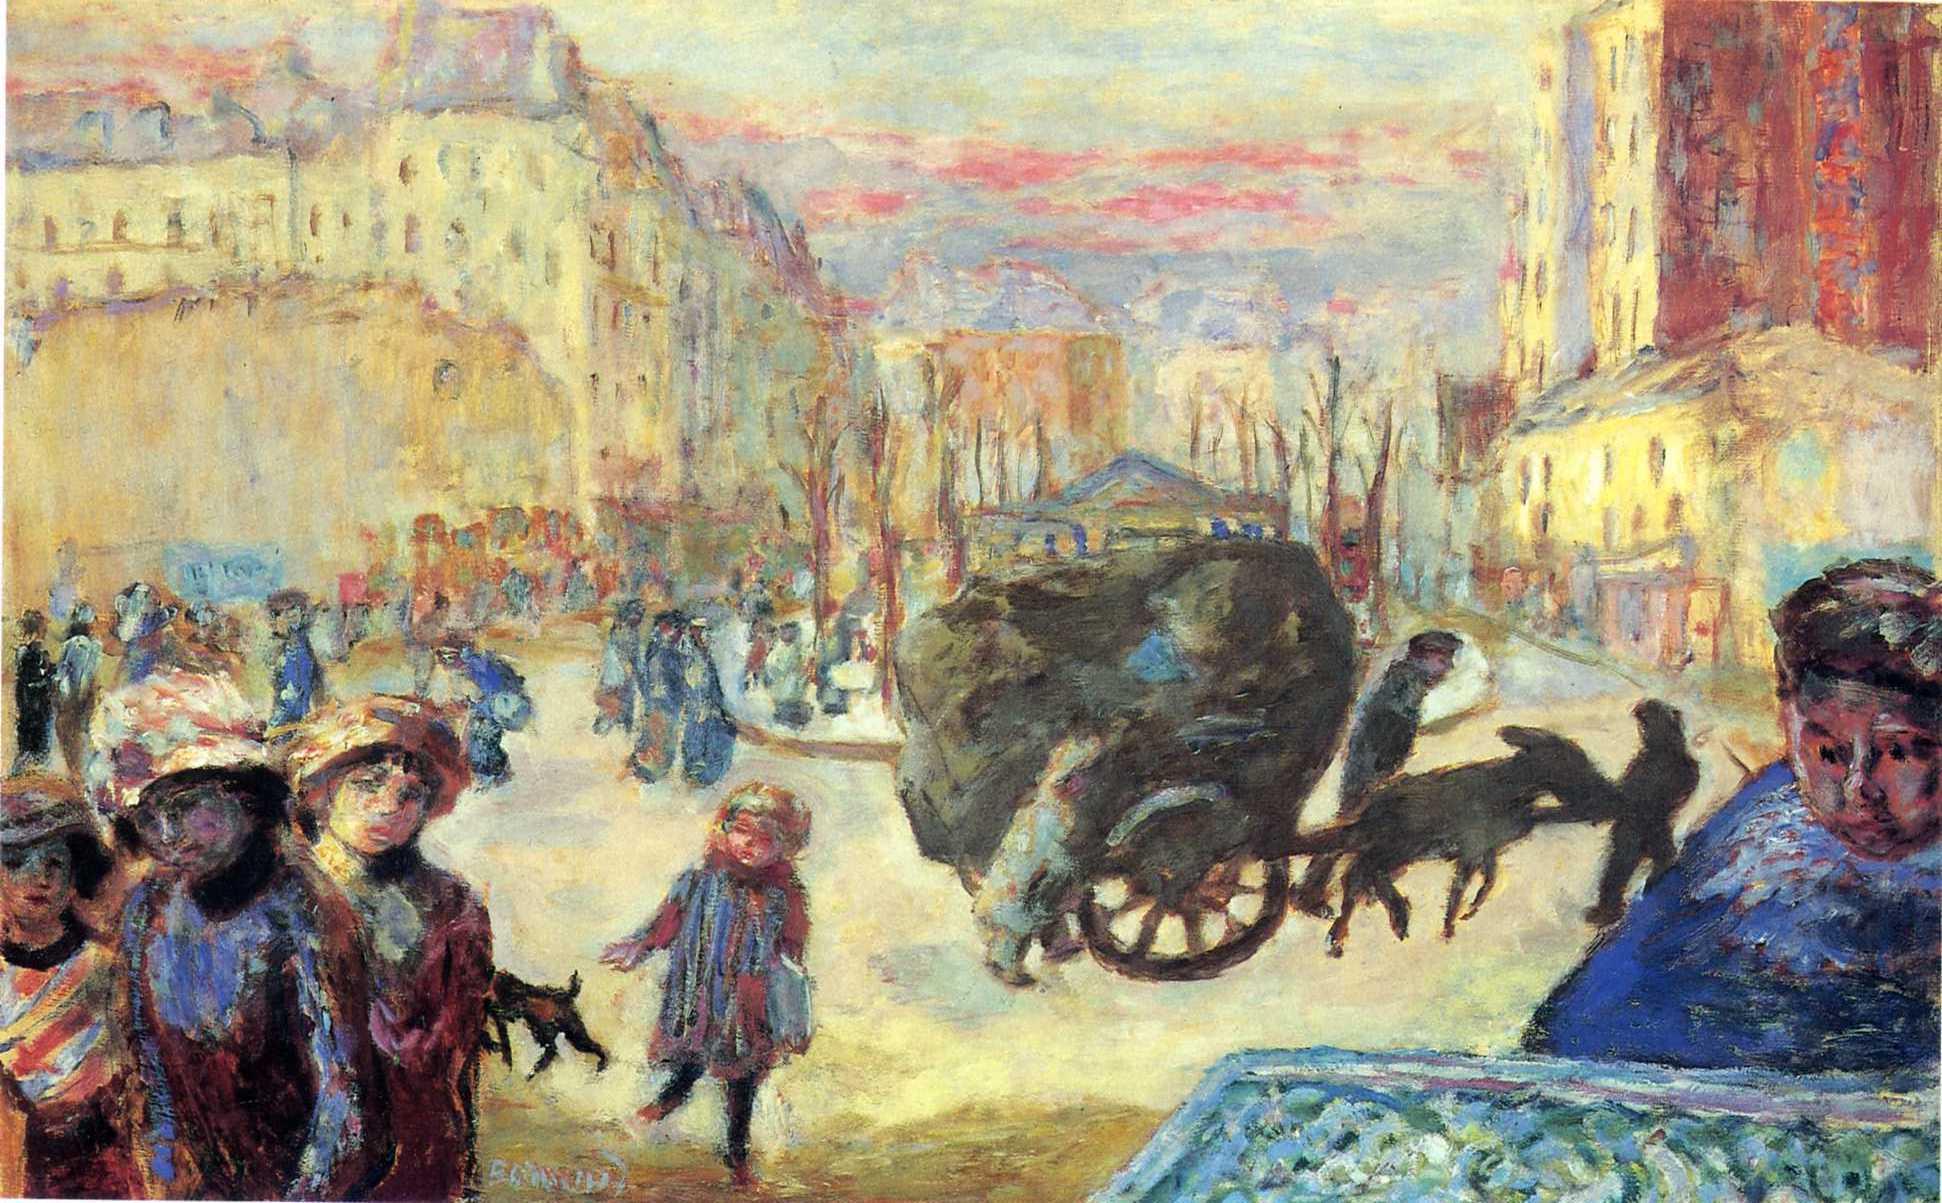 модерн_фр ар нуво_наби Боннар Пьер Утро в Париже-1911